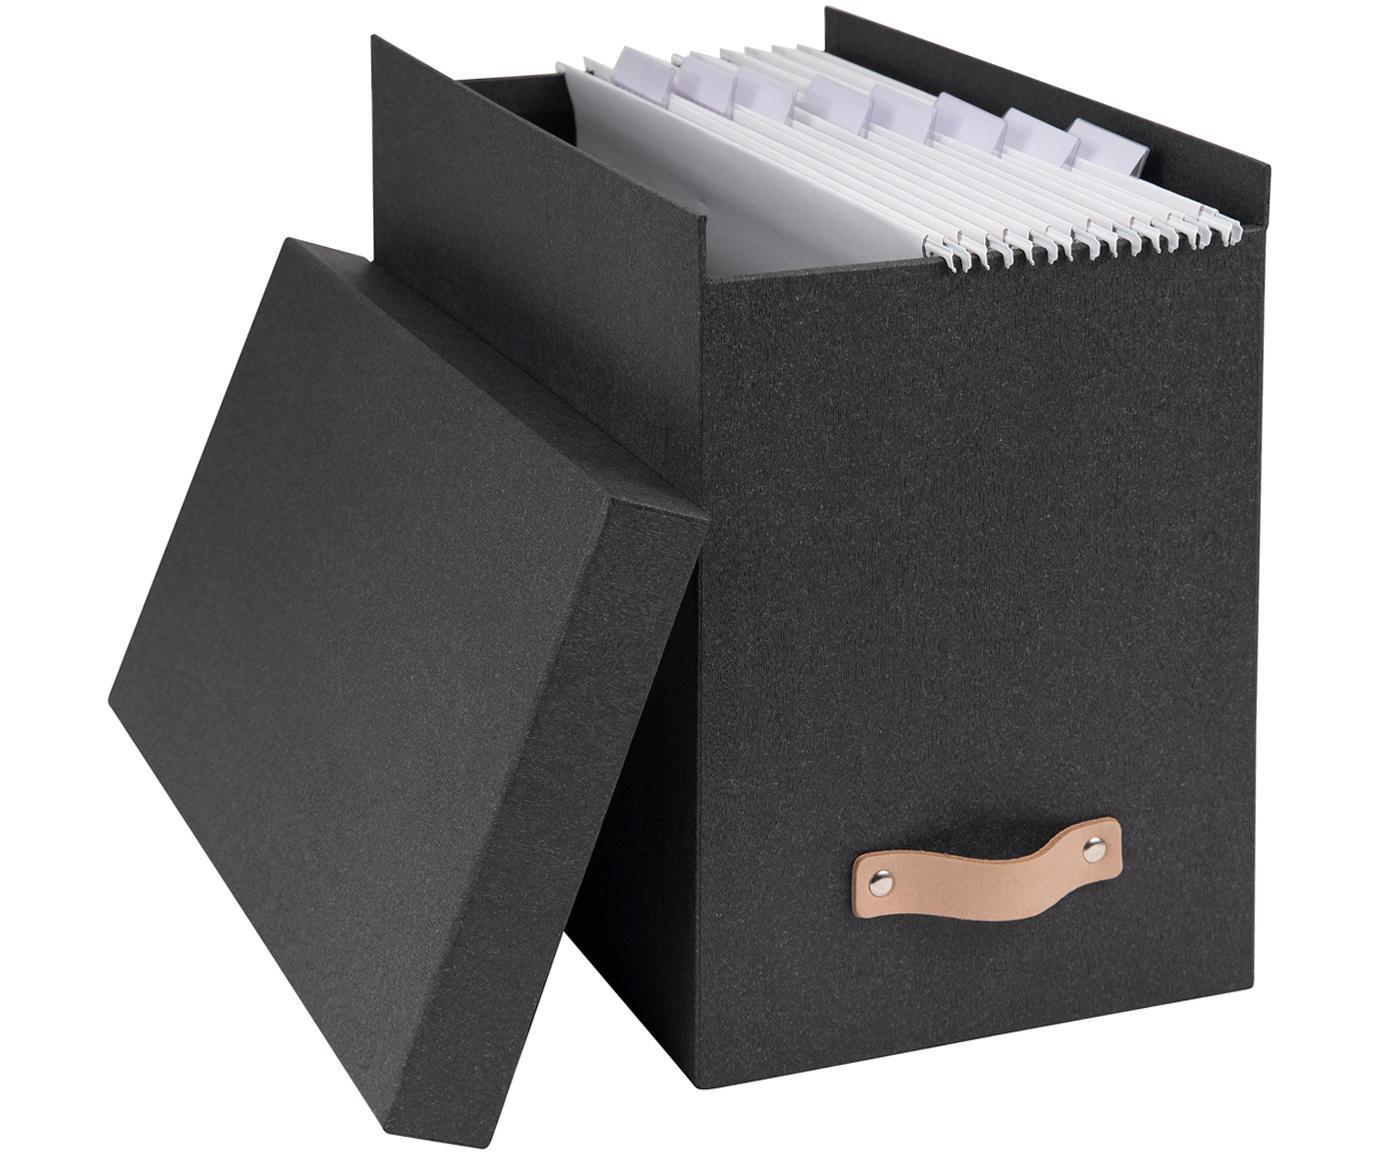 Organizer na dokumenty Johan II, 9 elem., Organizer na zewnątrz: czarny Organizer wewnątrz: czarny Uchwyt: beżowy, S 19 x W 27 cm